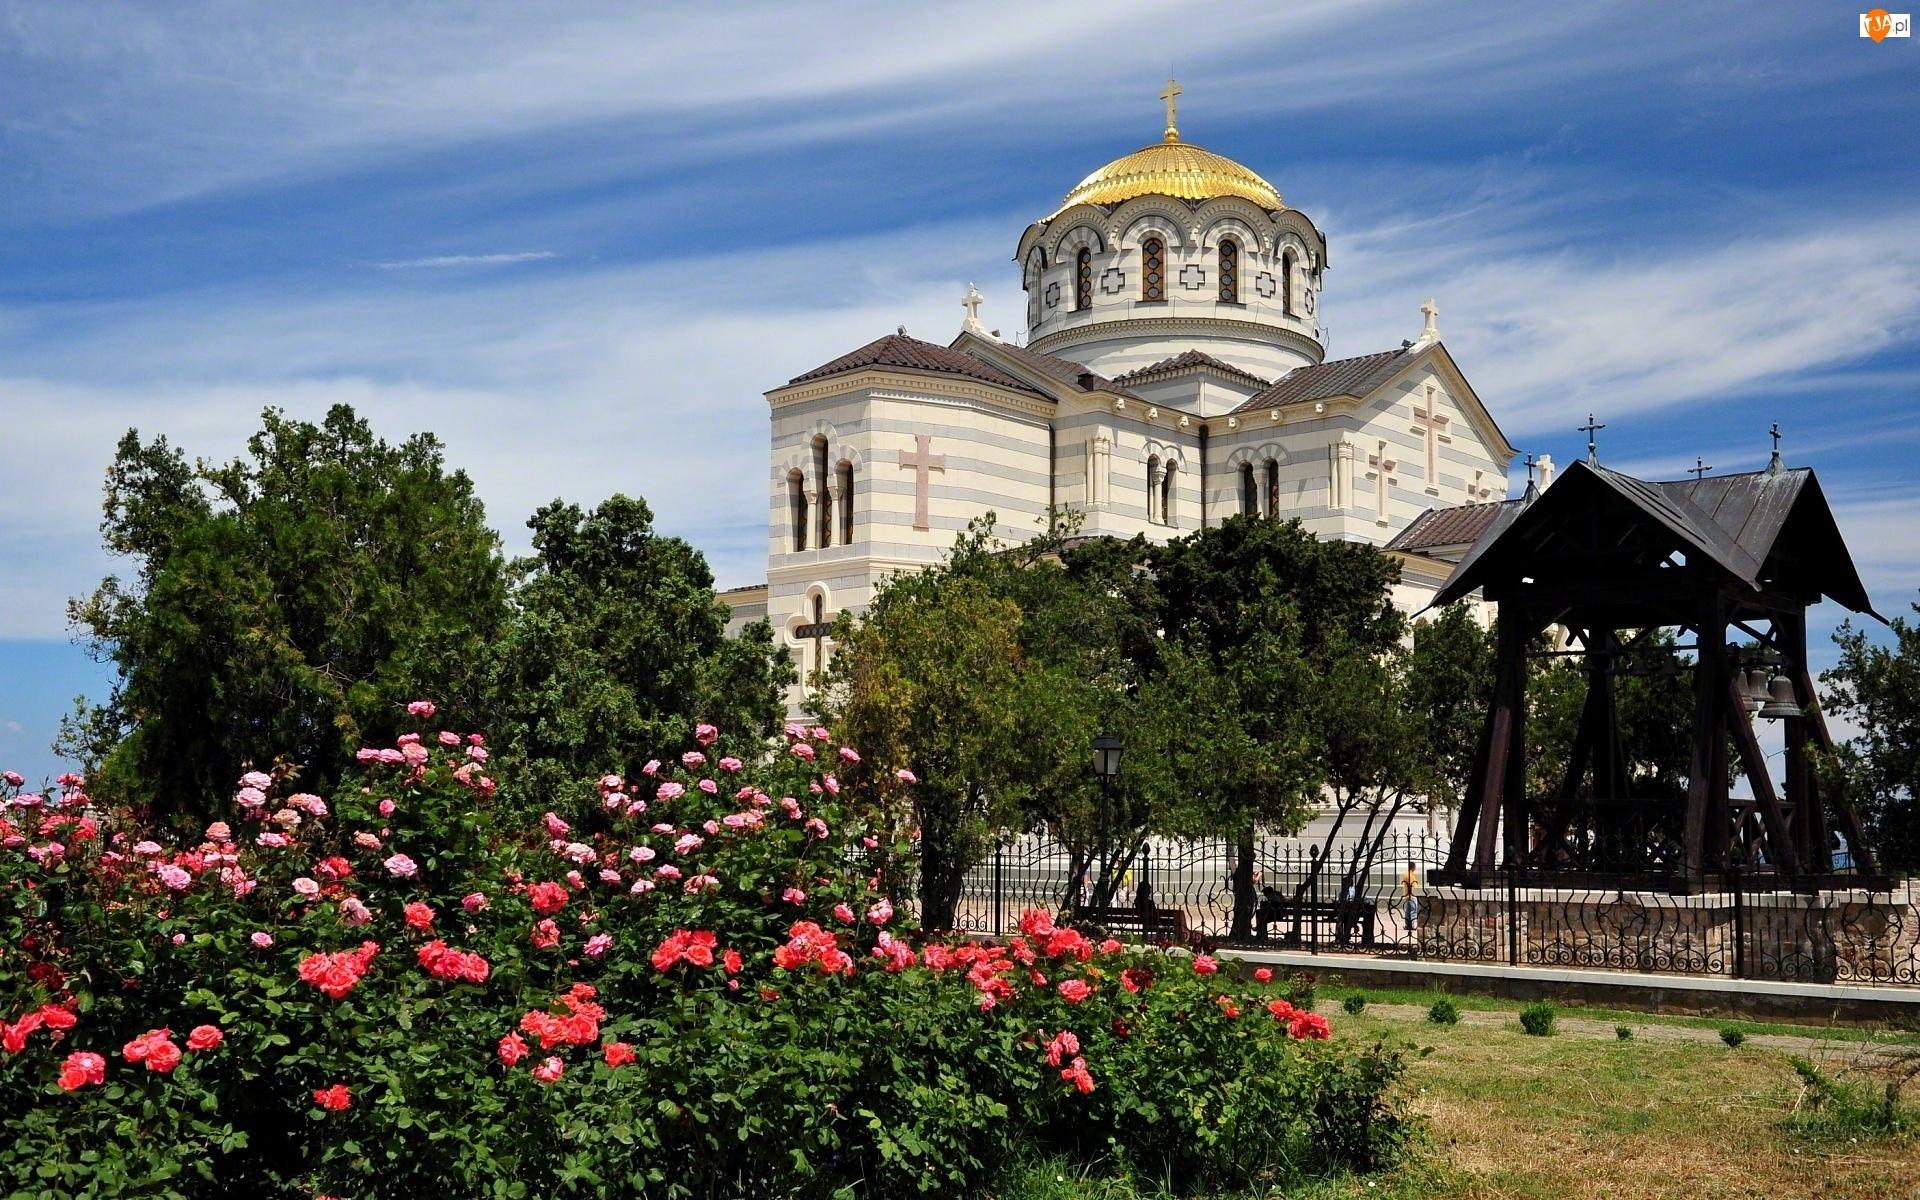 Cerkiew, Rosja, Ogród, Kwiaty